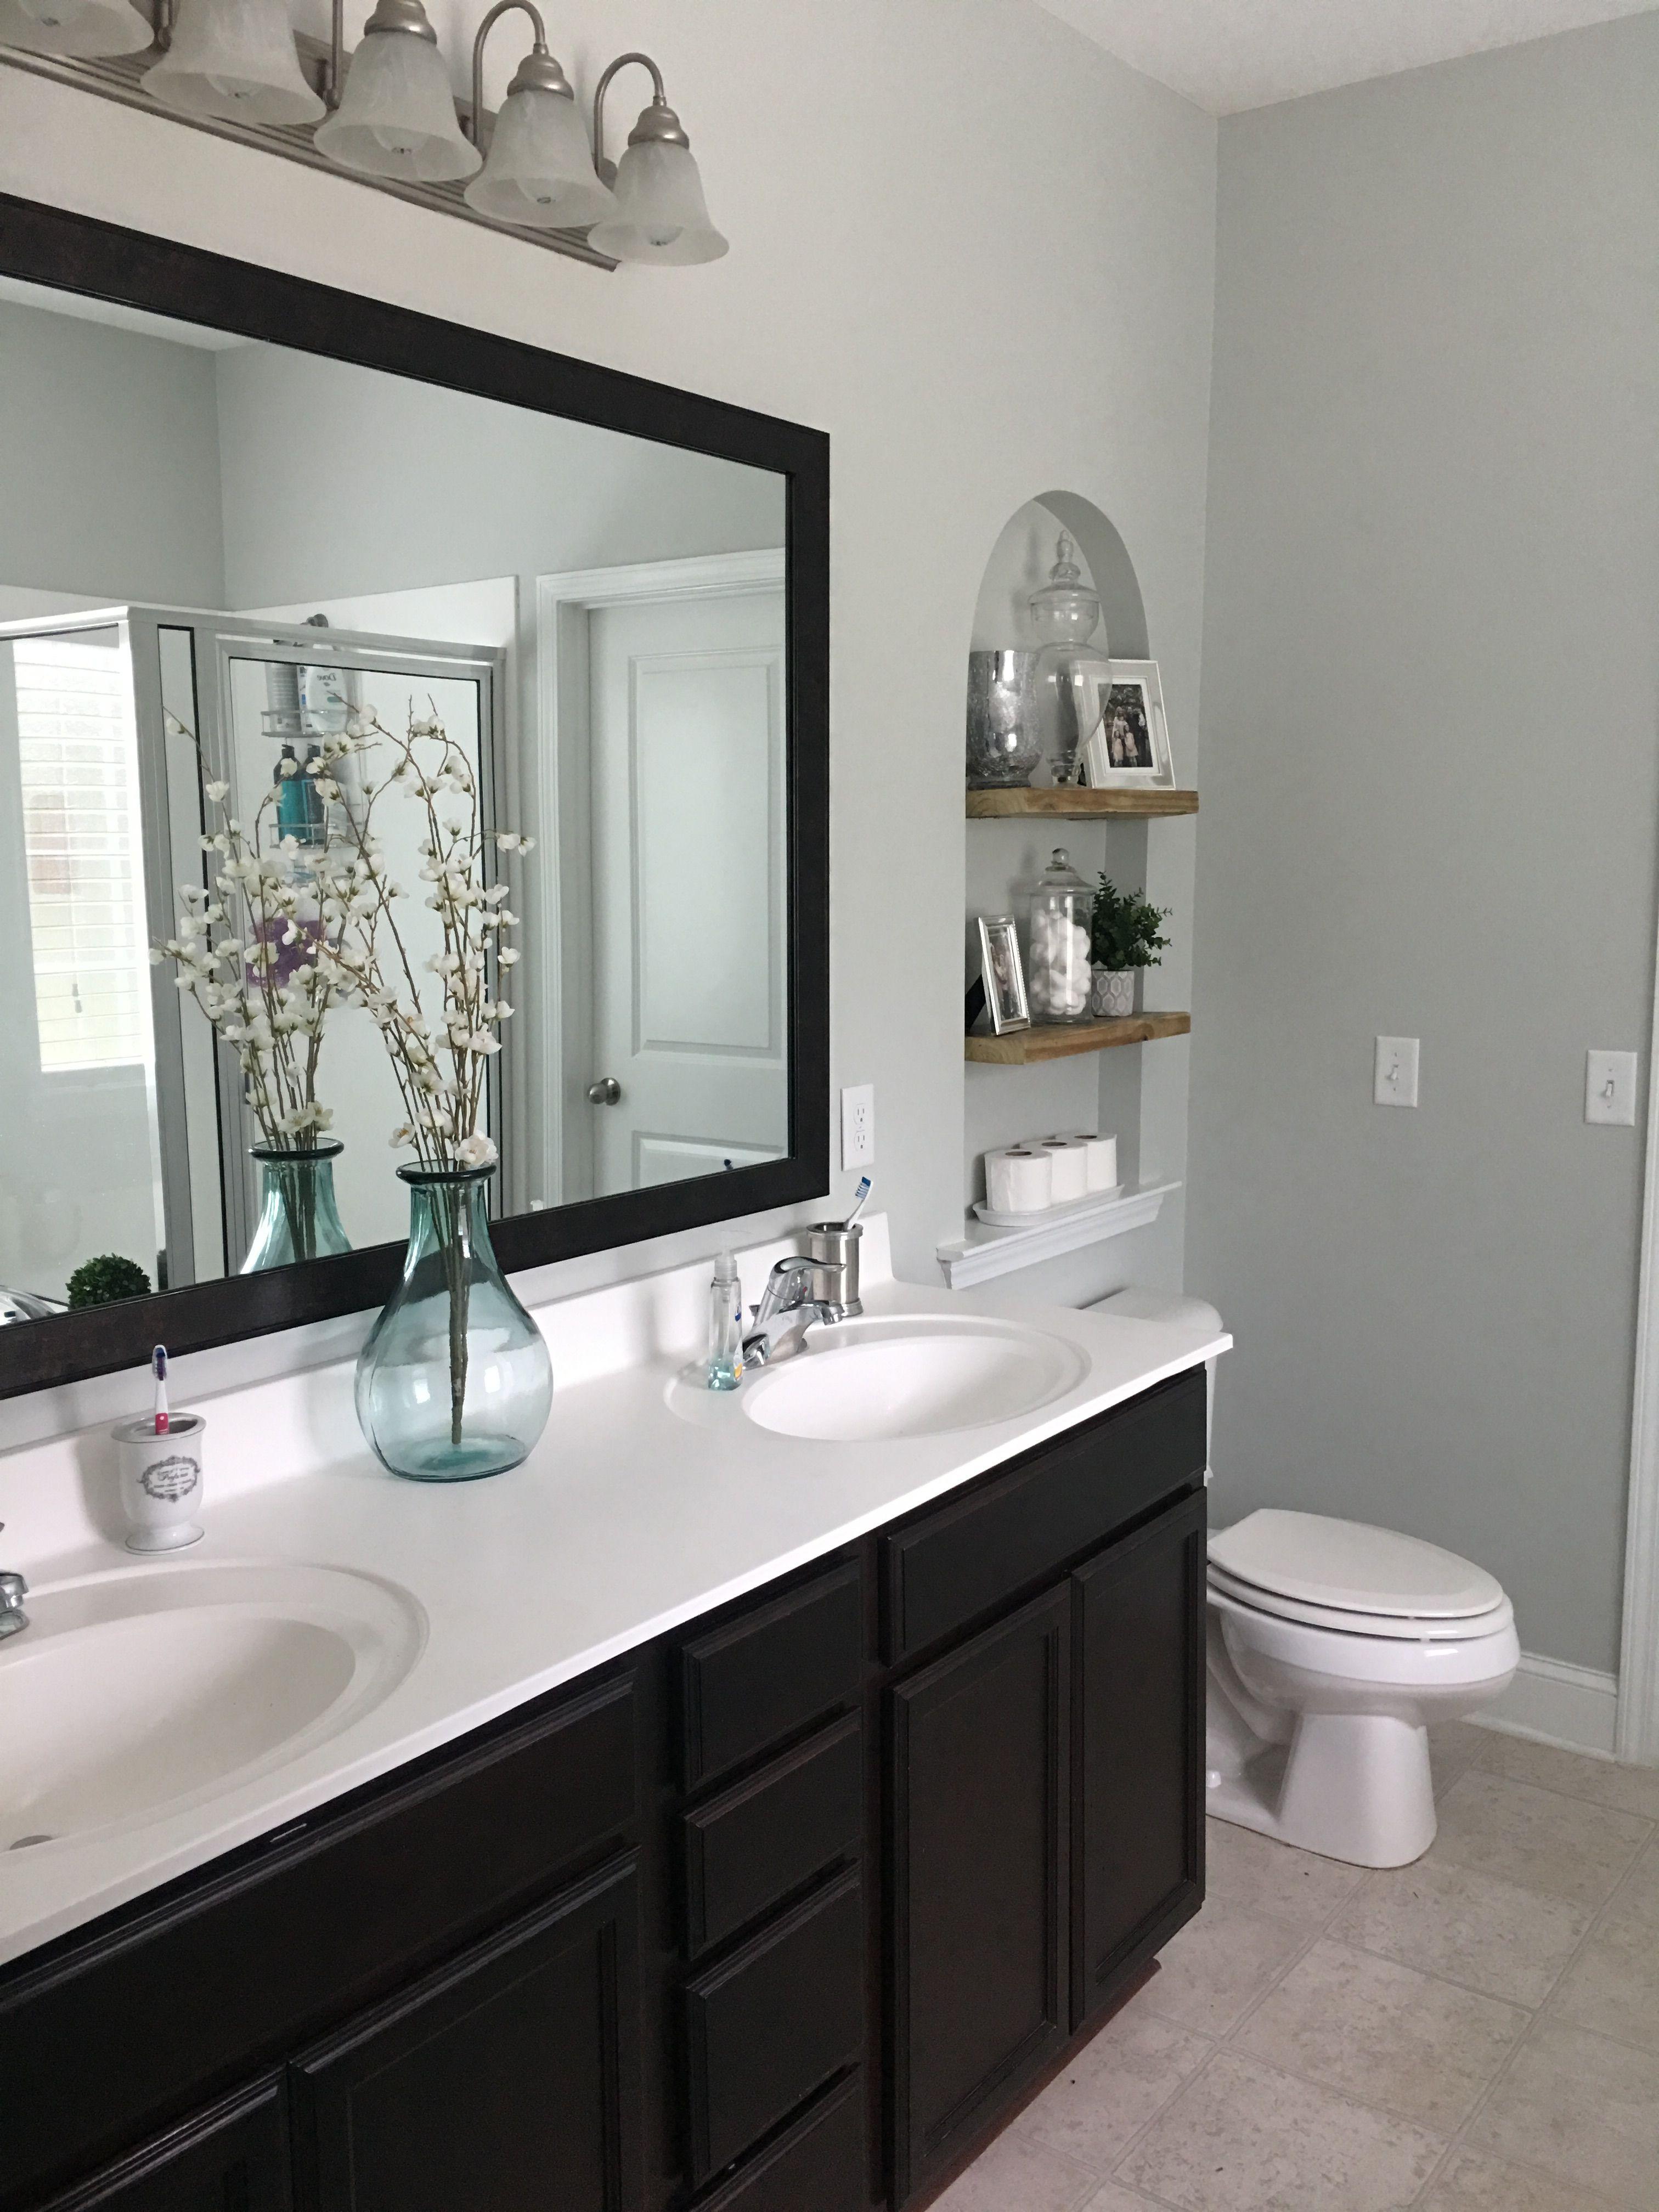 Master Bathroom Update Benjamin Moore Wickham Gray On Walls The